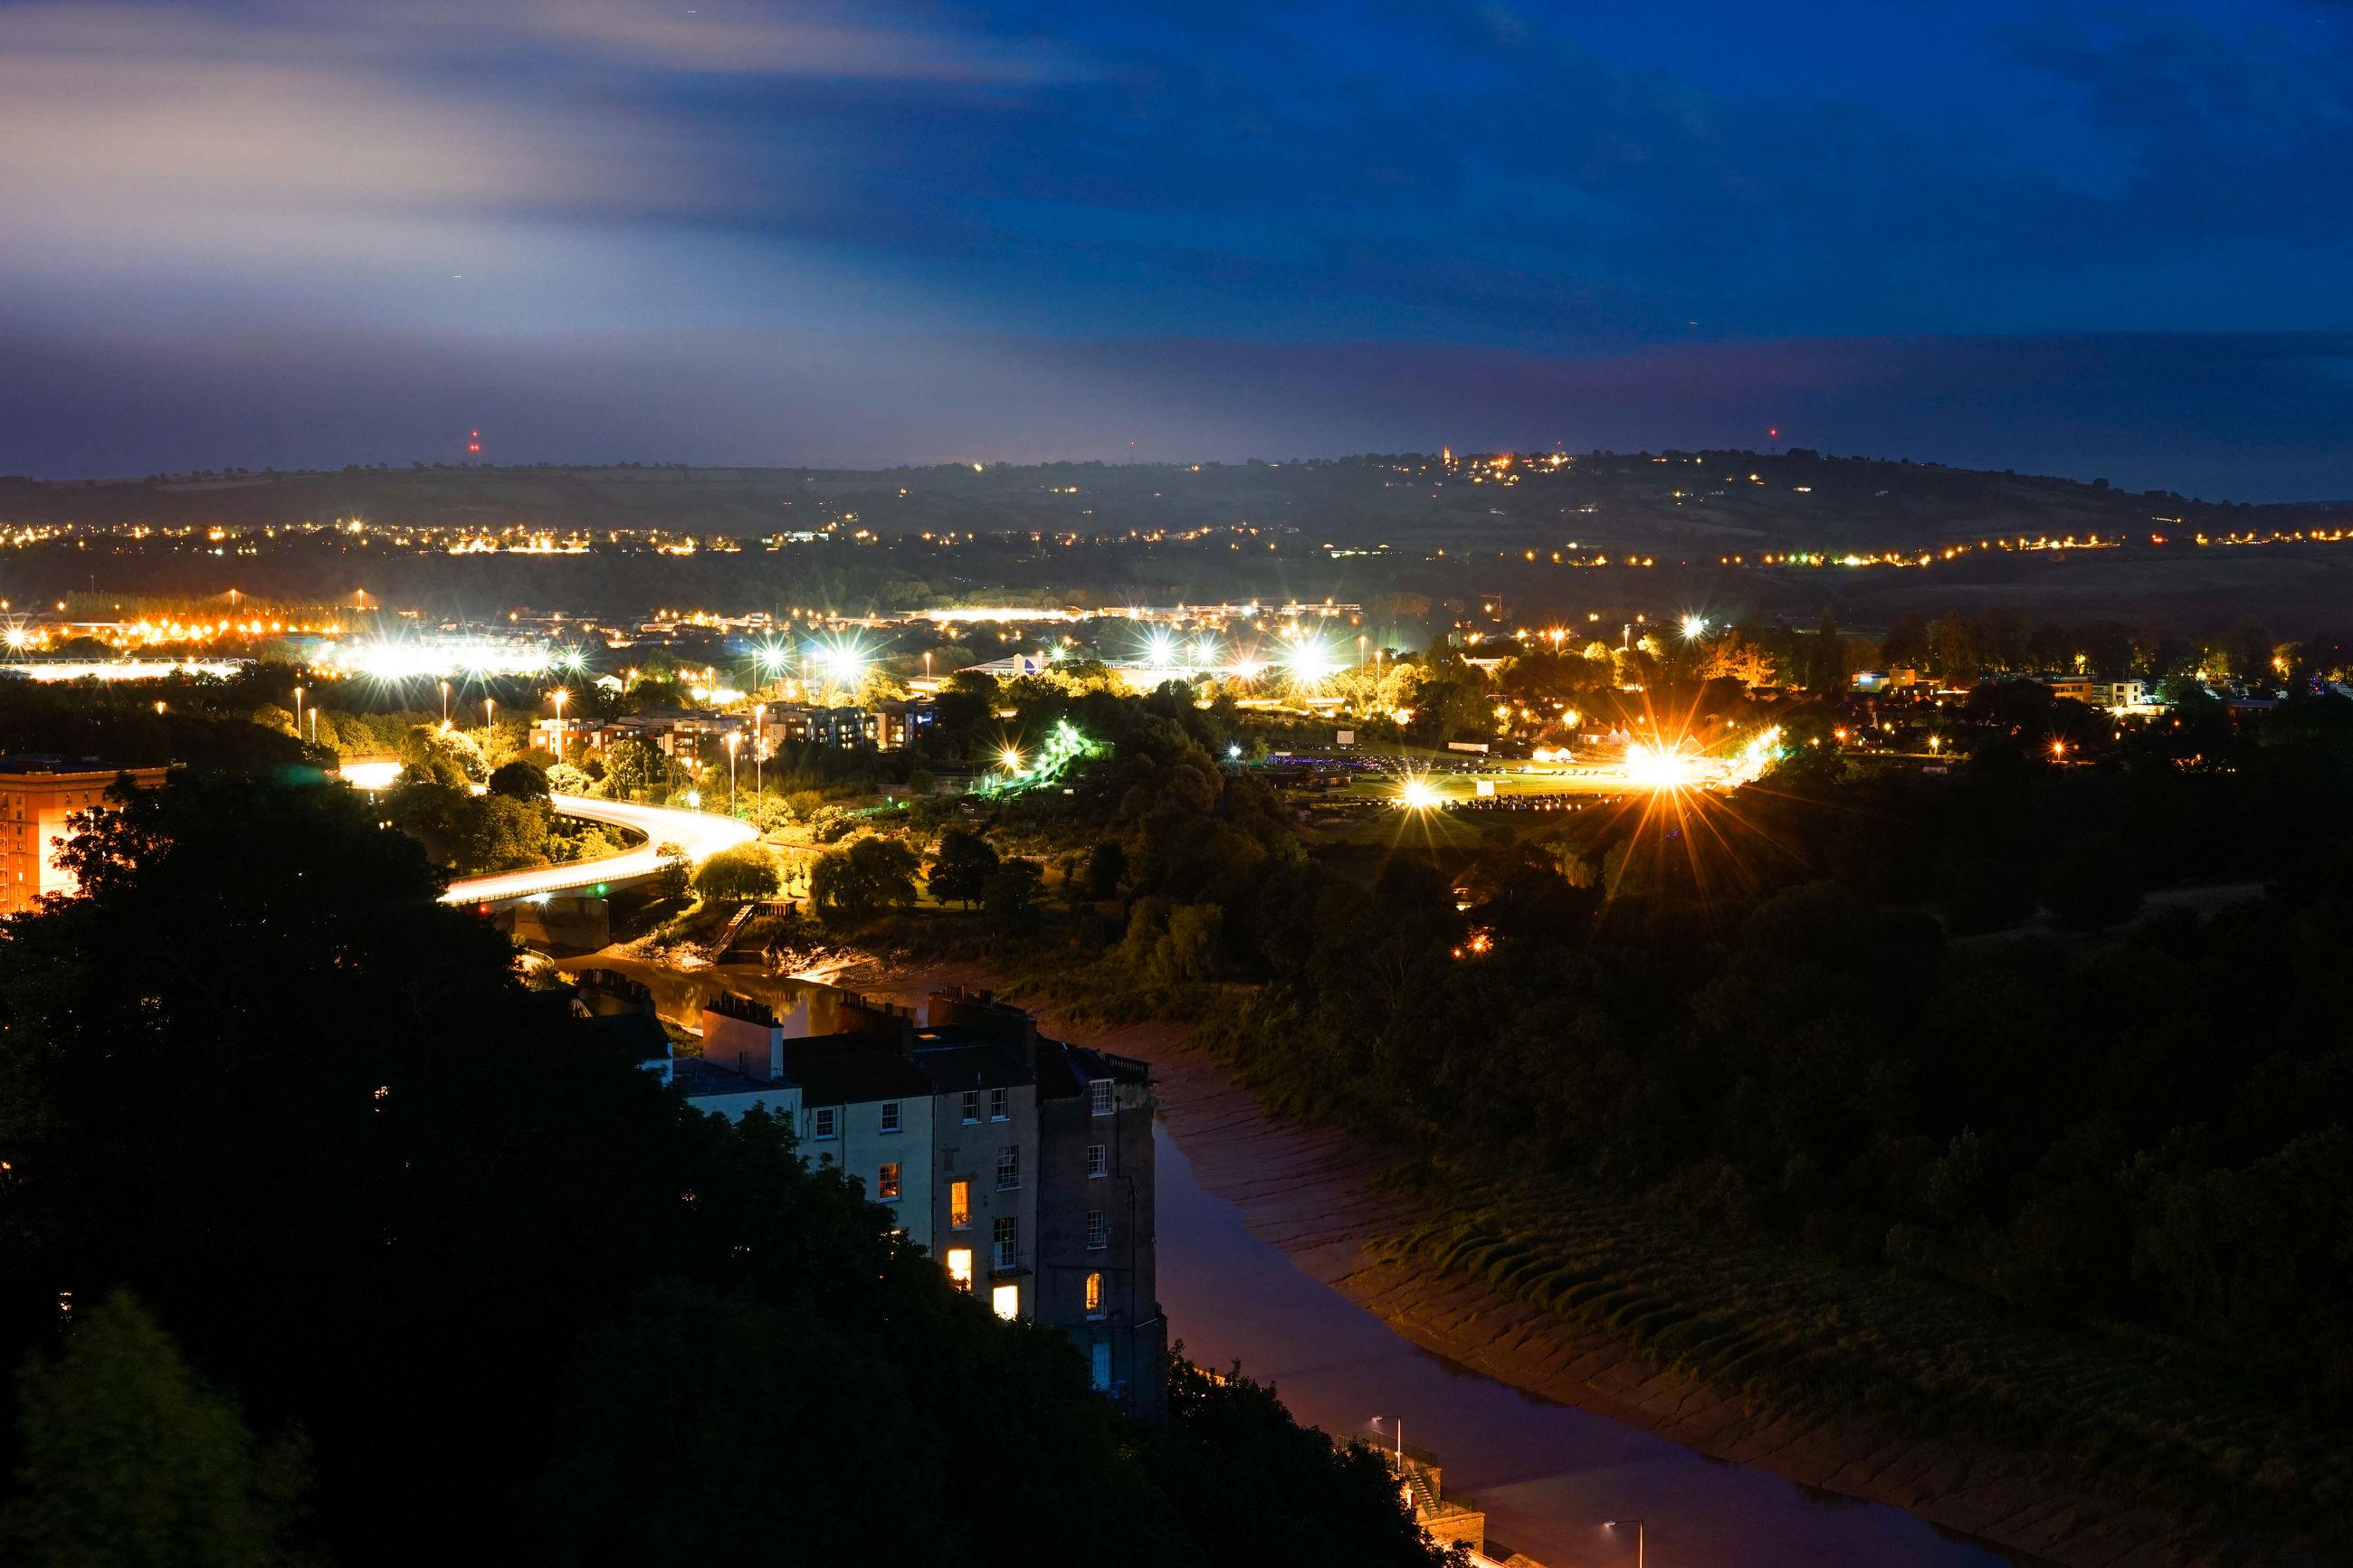 Illuminated town